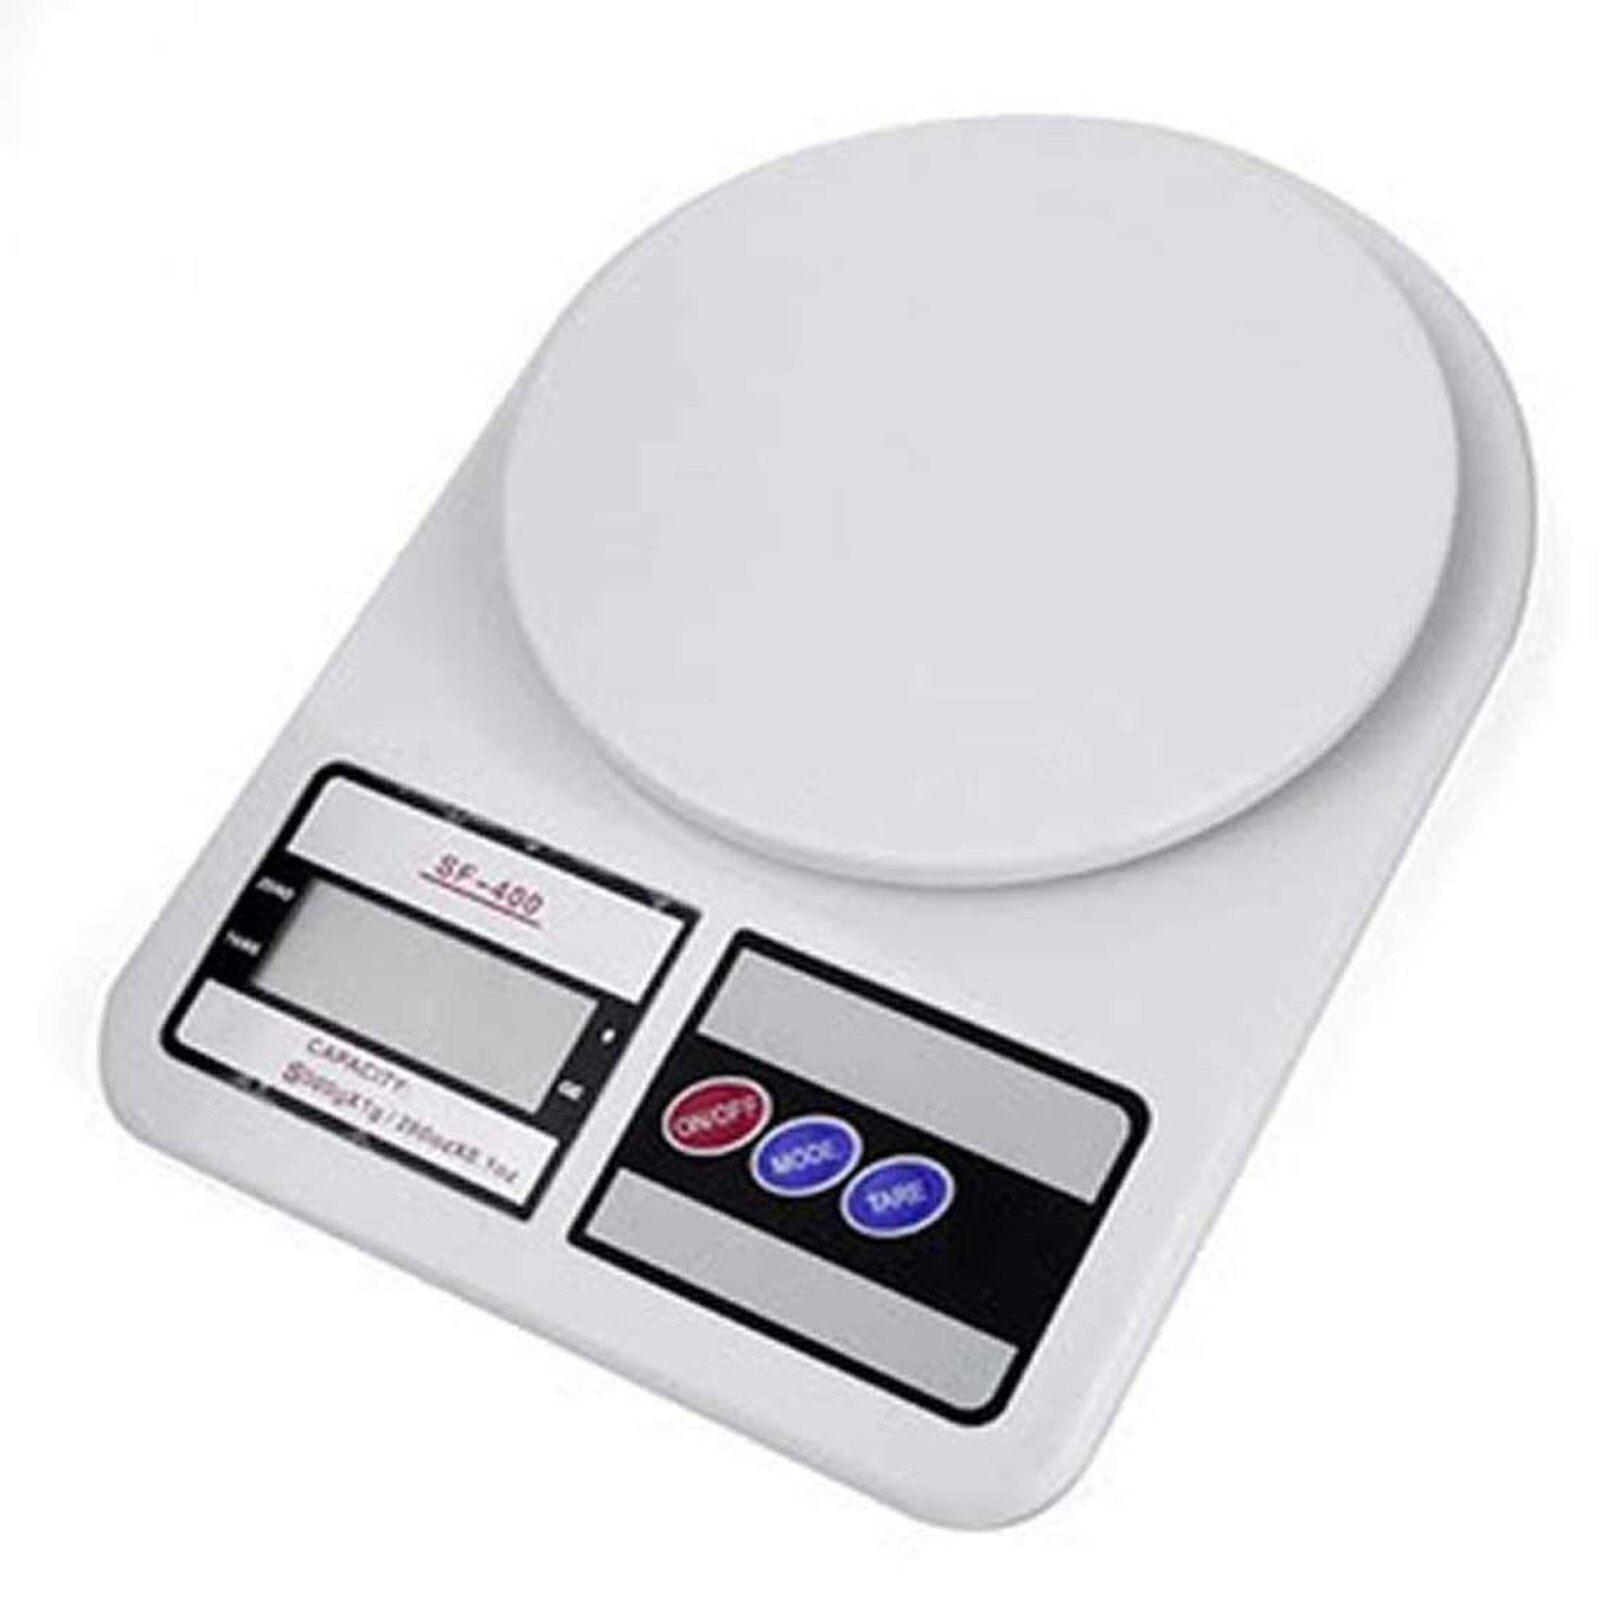 Balanca Digital Para Cozinha Tomate 10kg Alta Precisao Balanca